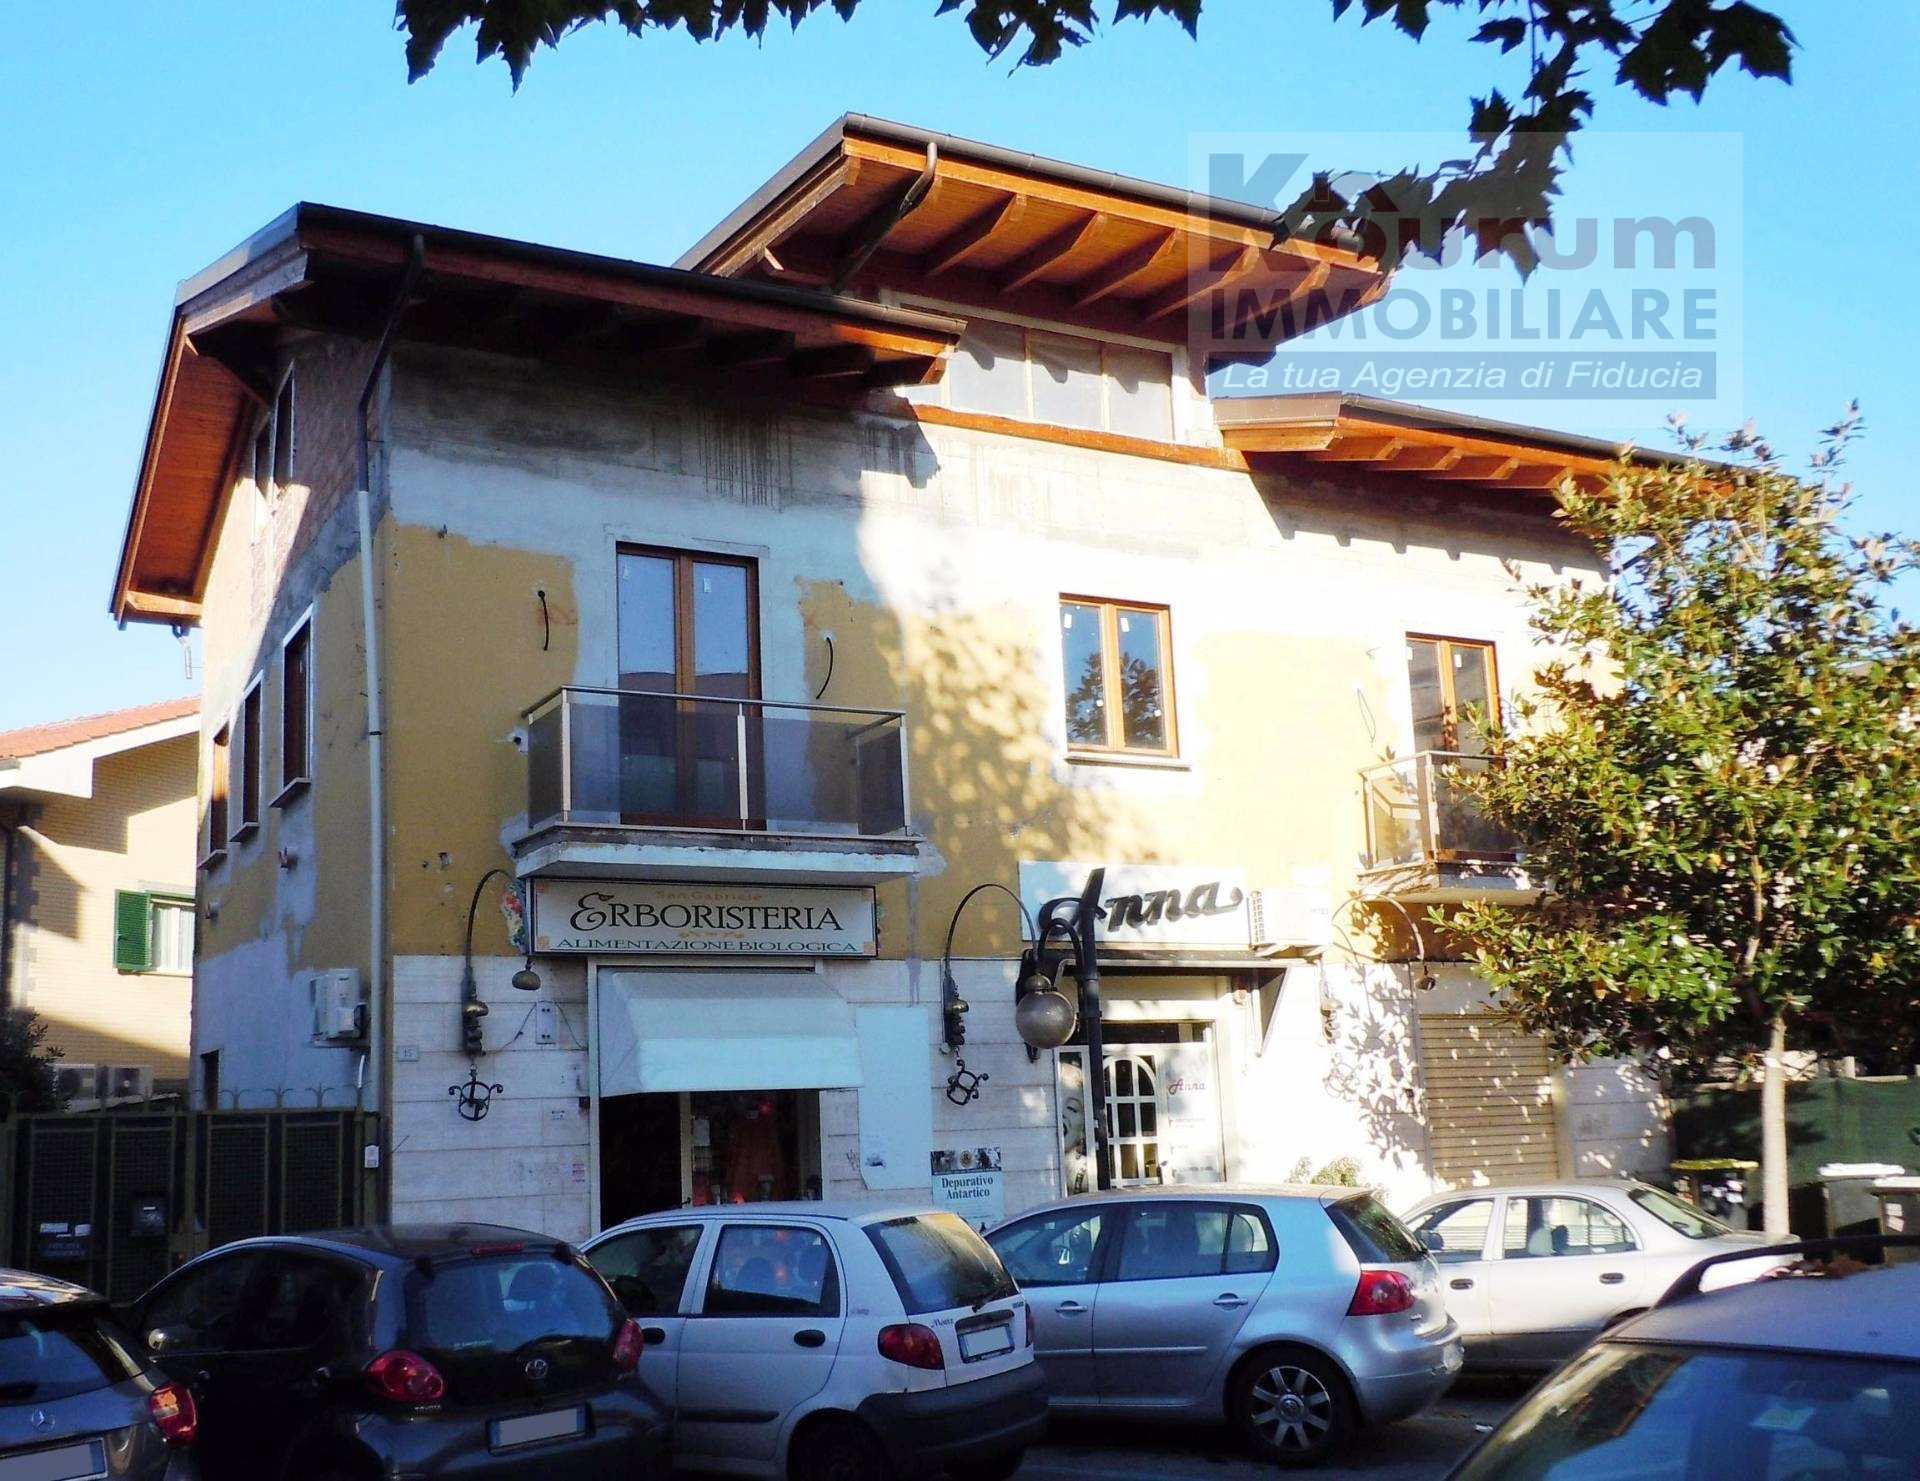 Appartamento in vendita a Ciampino, 2 locali, zona Località: Centro, prezzo € 99.000 | CambioCasa.it